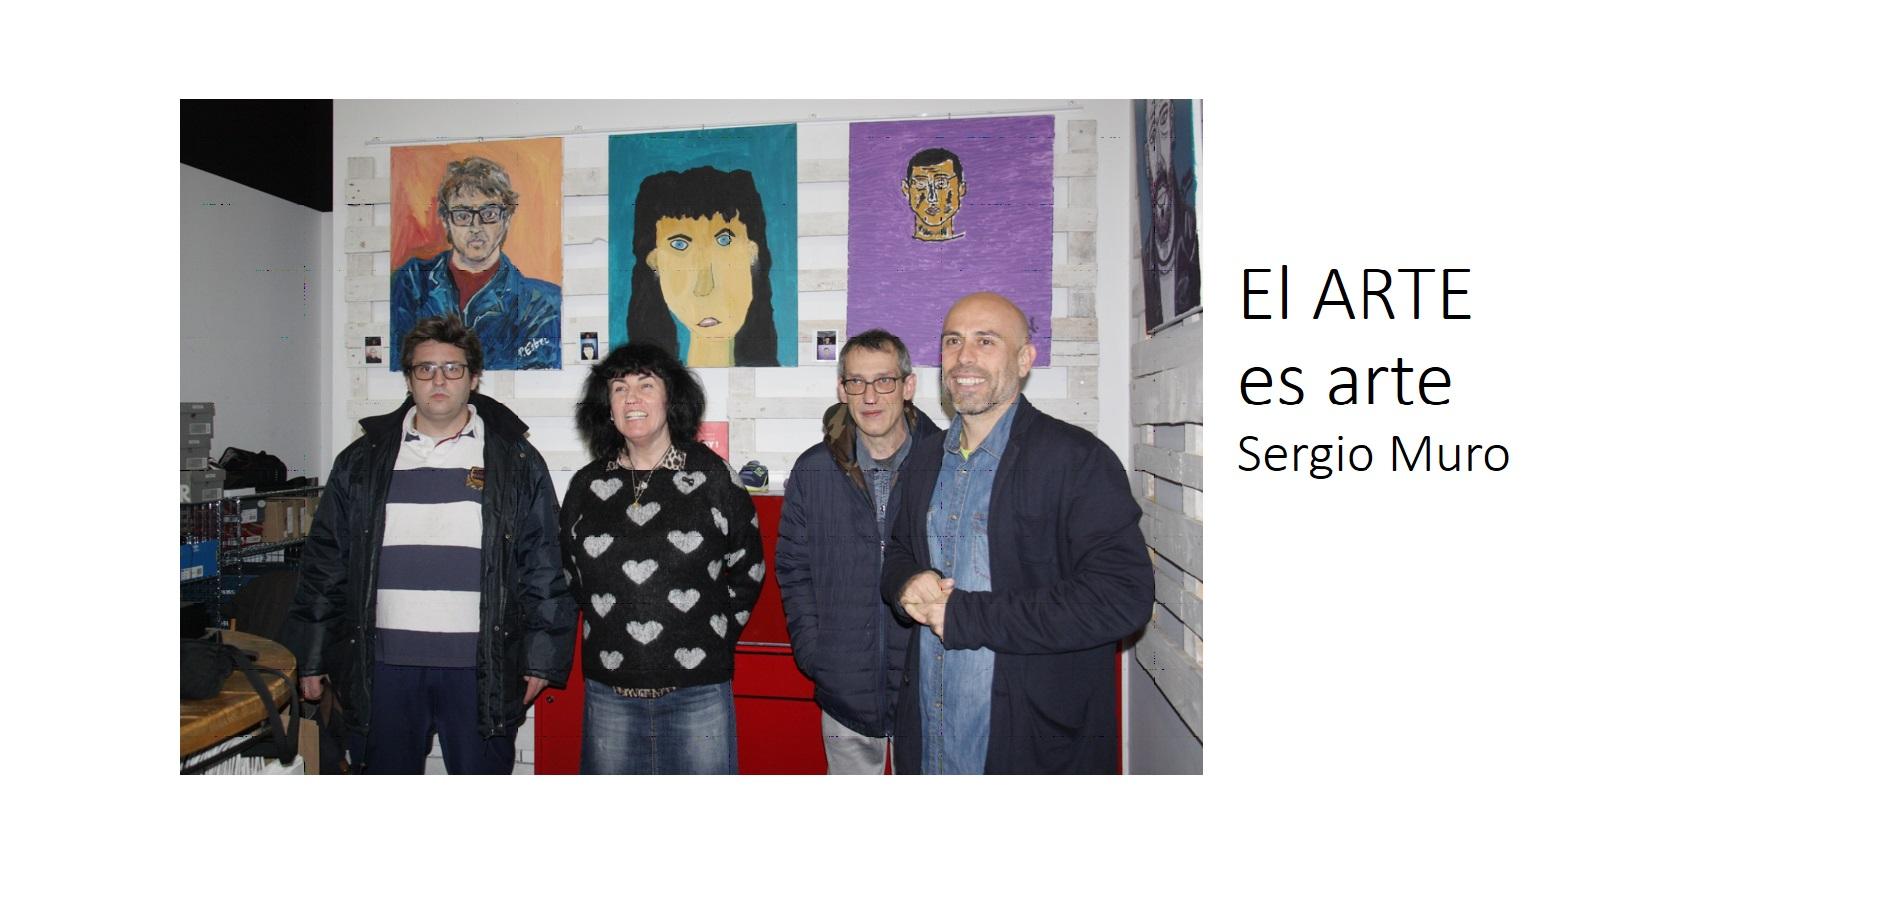 sergio-muro-1